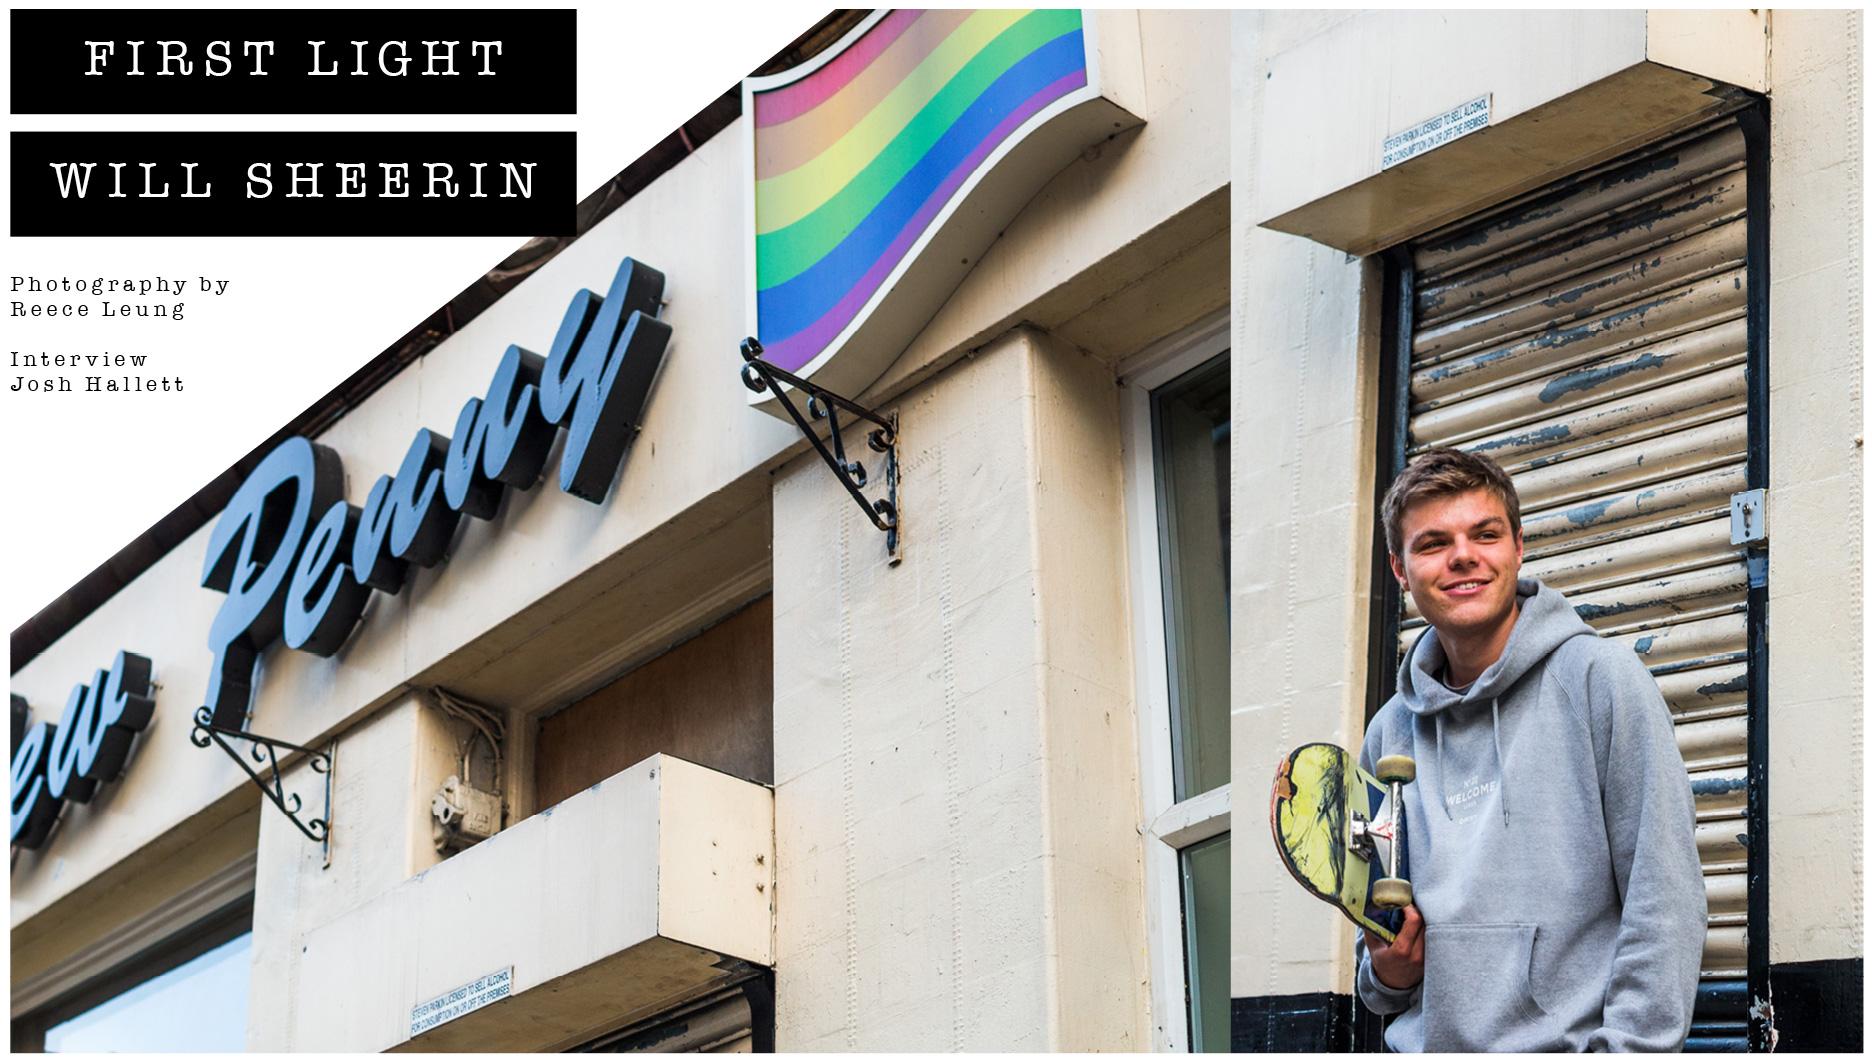 Will Sheerin – First Light